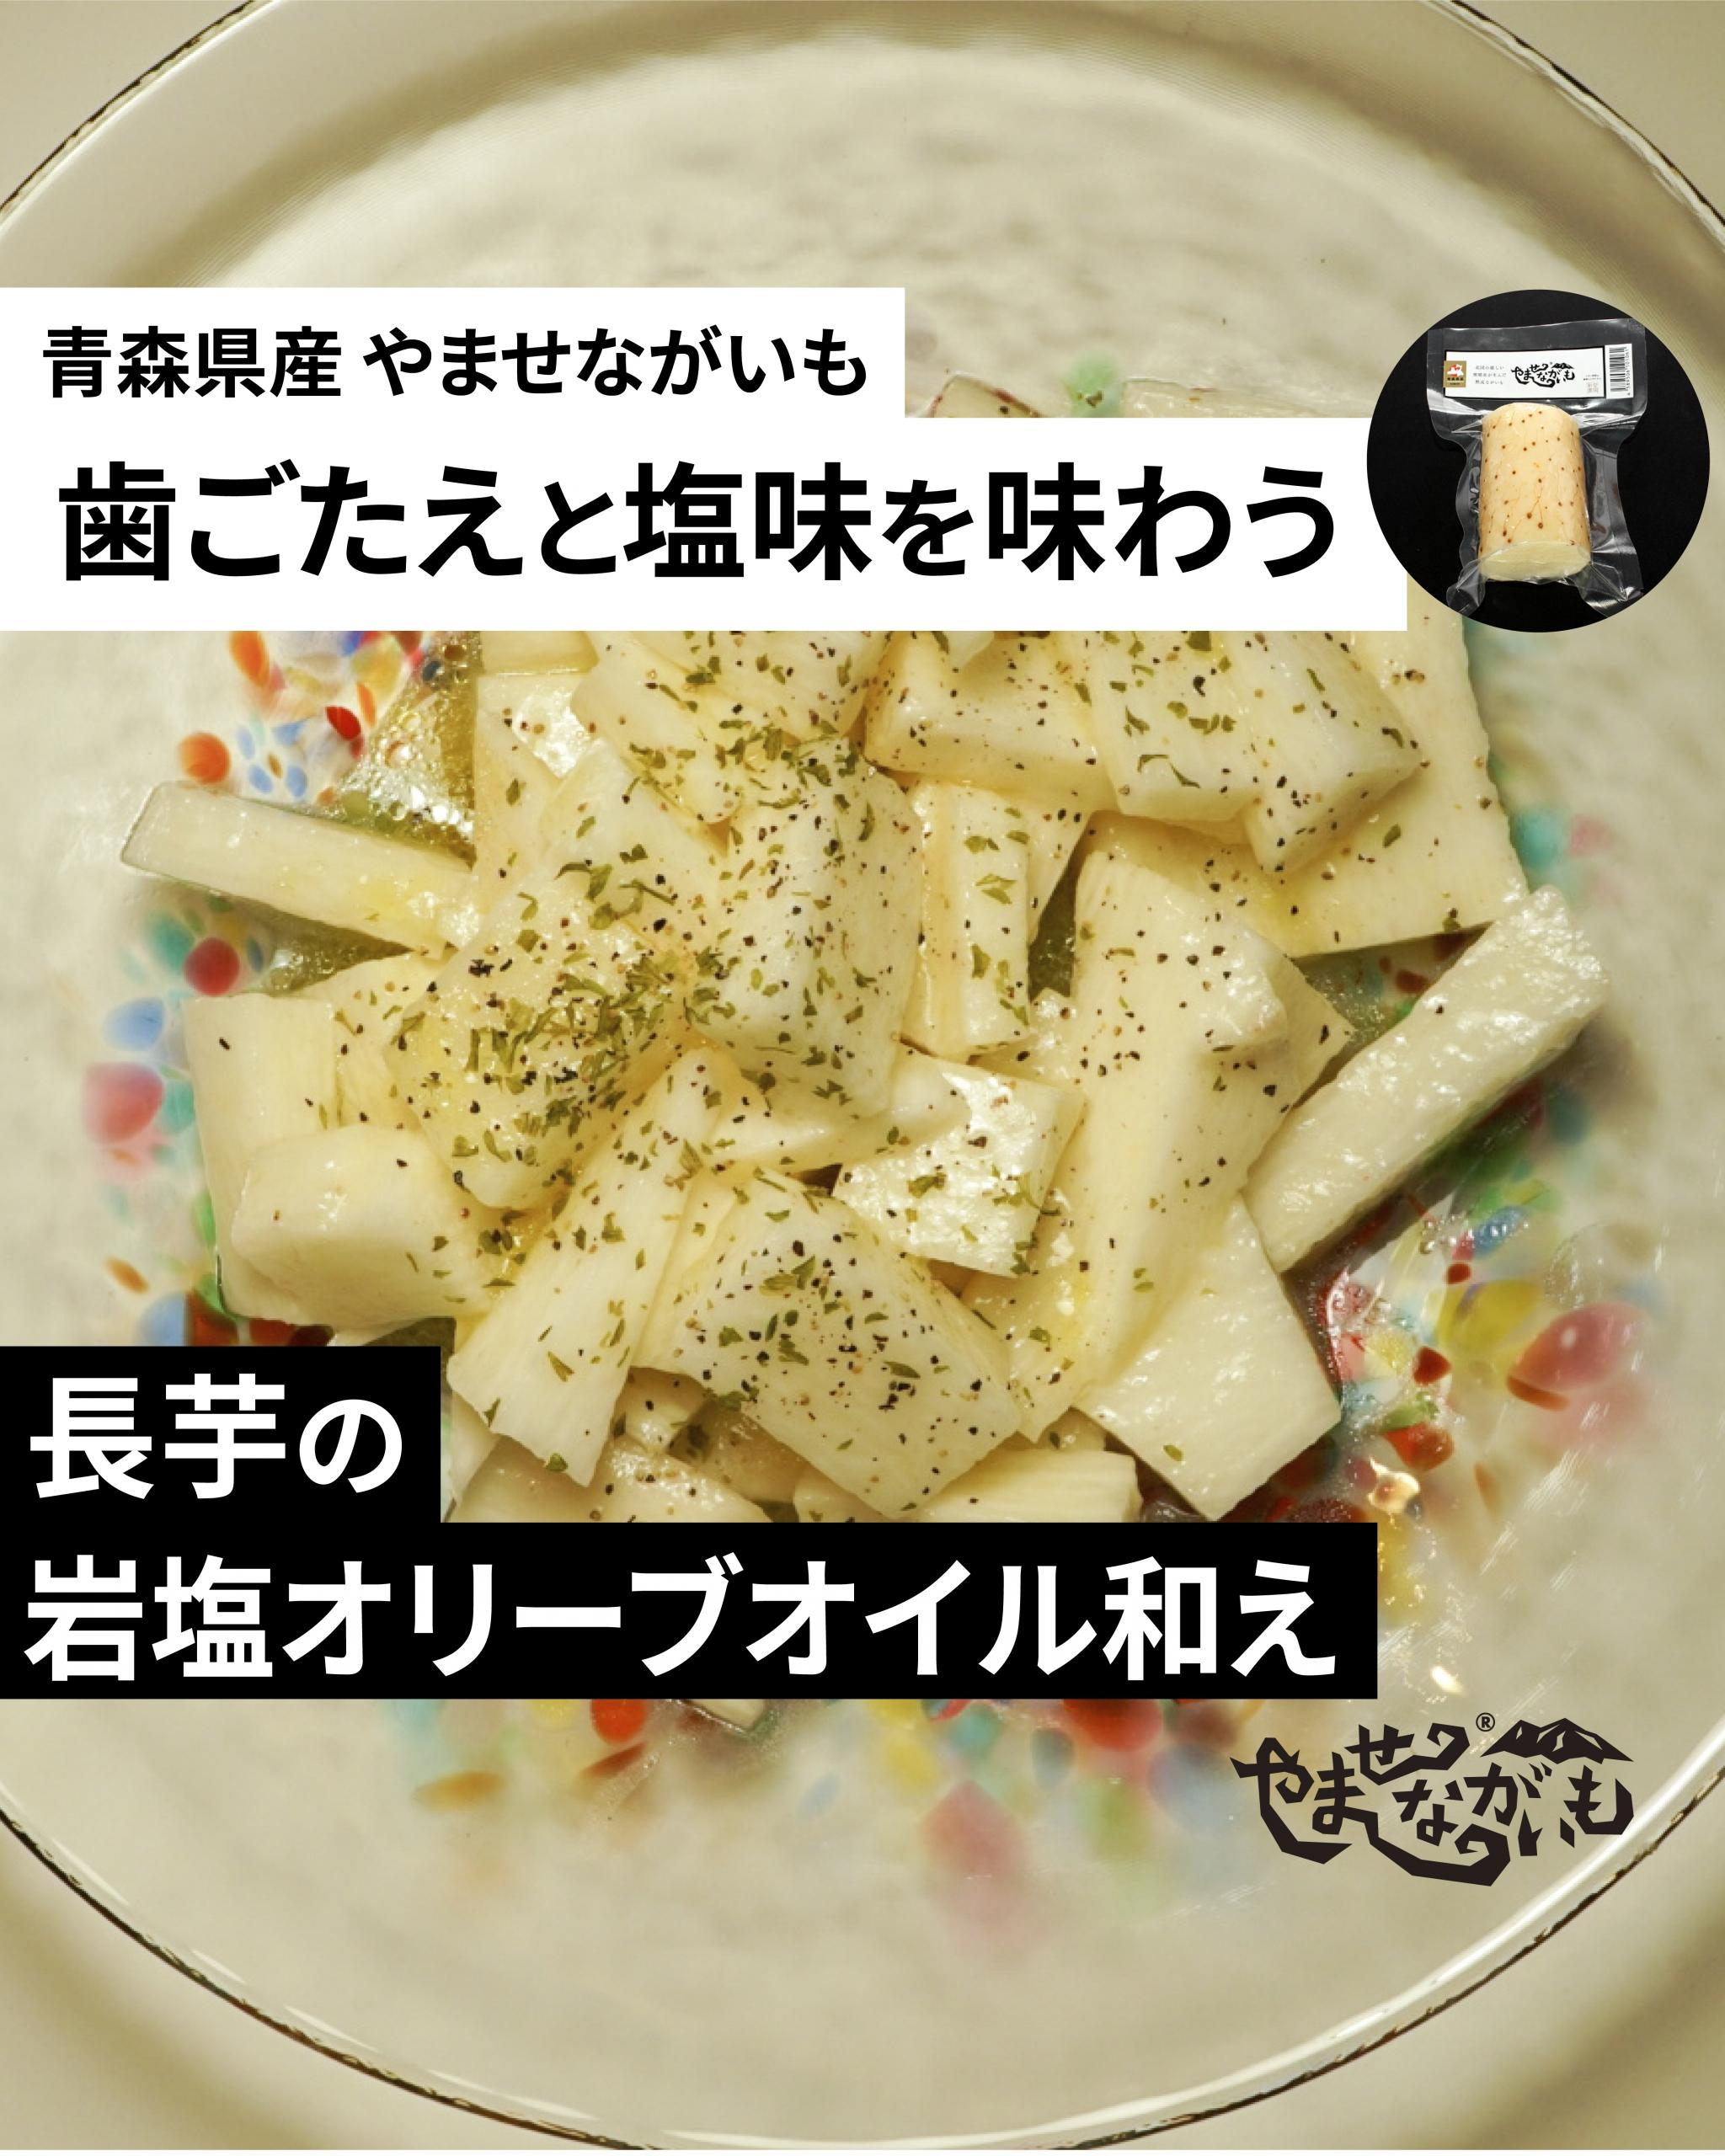 長芋の岩塩オリーブオイル和え ながいもレシピ 長芋アレンジ